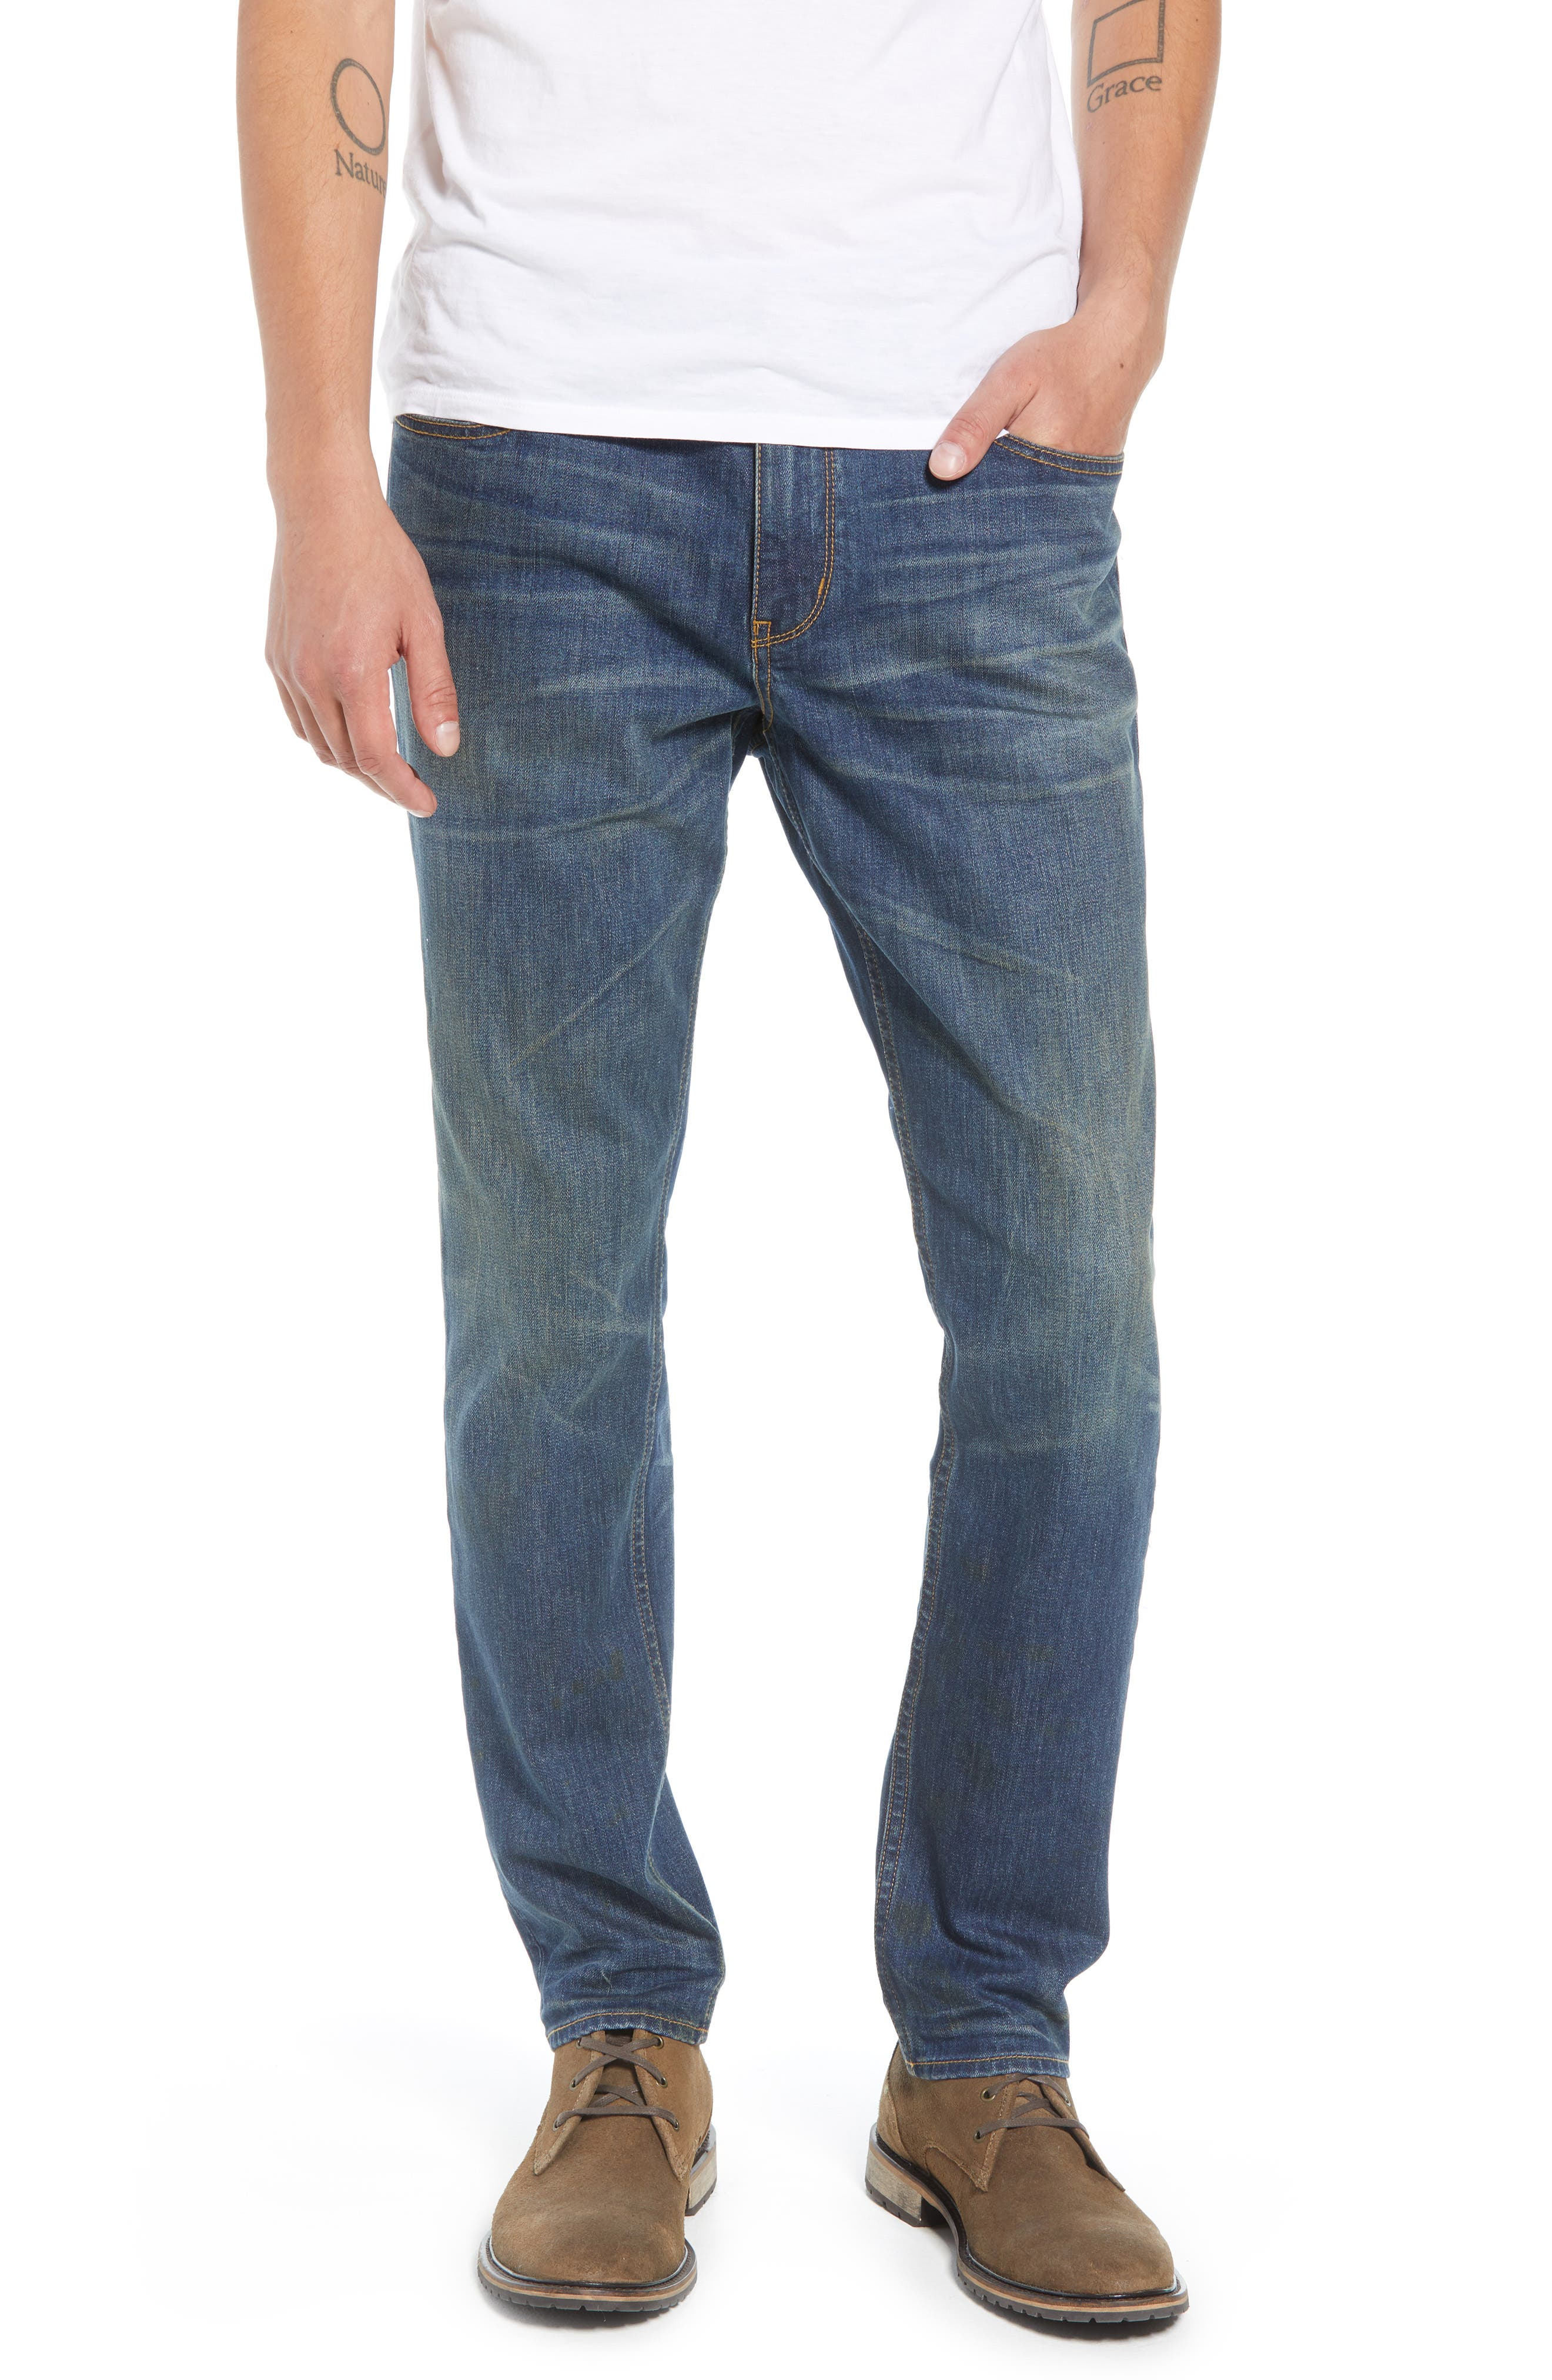 TREASURE & BOND Slim Fit Jeans, Main, color, BLUE MED VINTAGE WASH